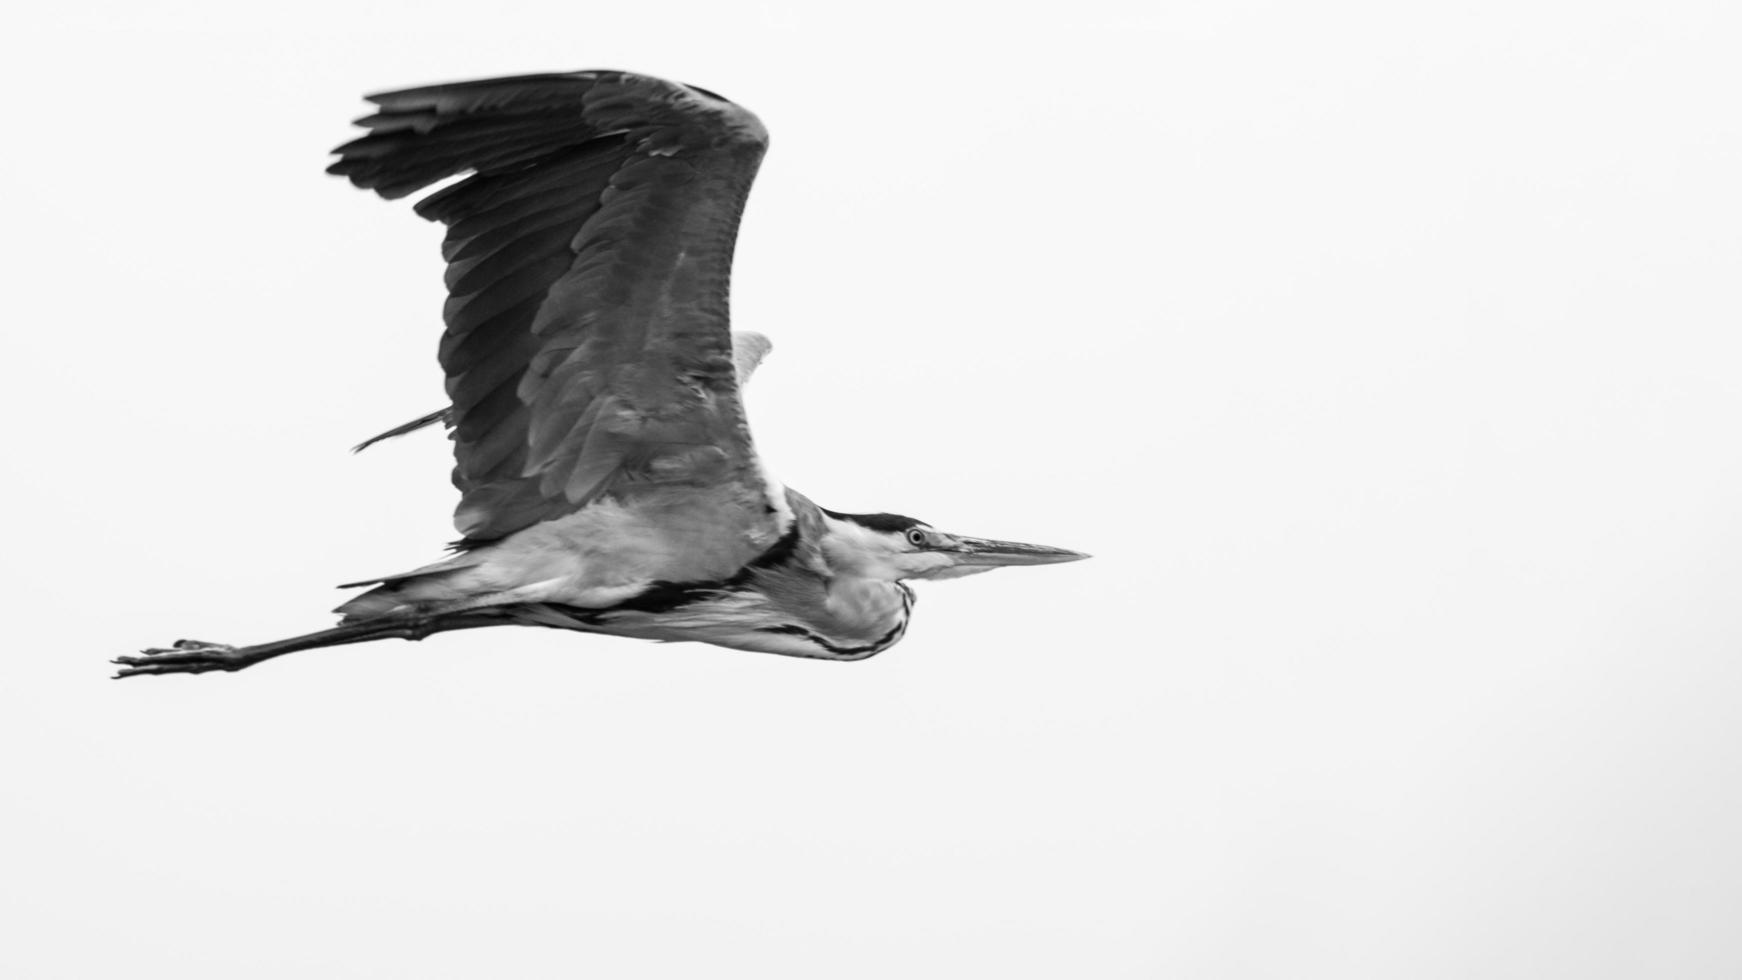 Grayscale of flying heron photo